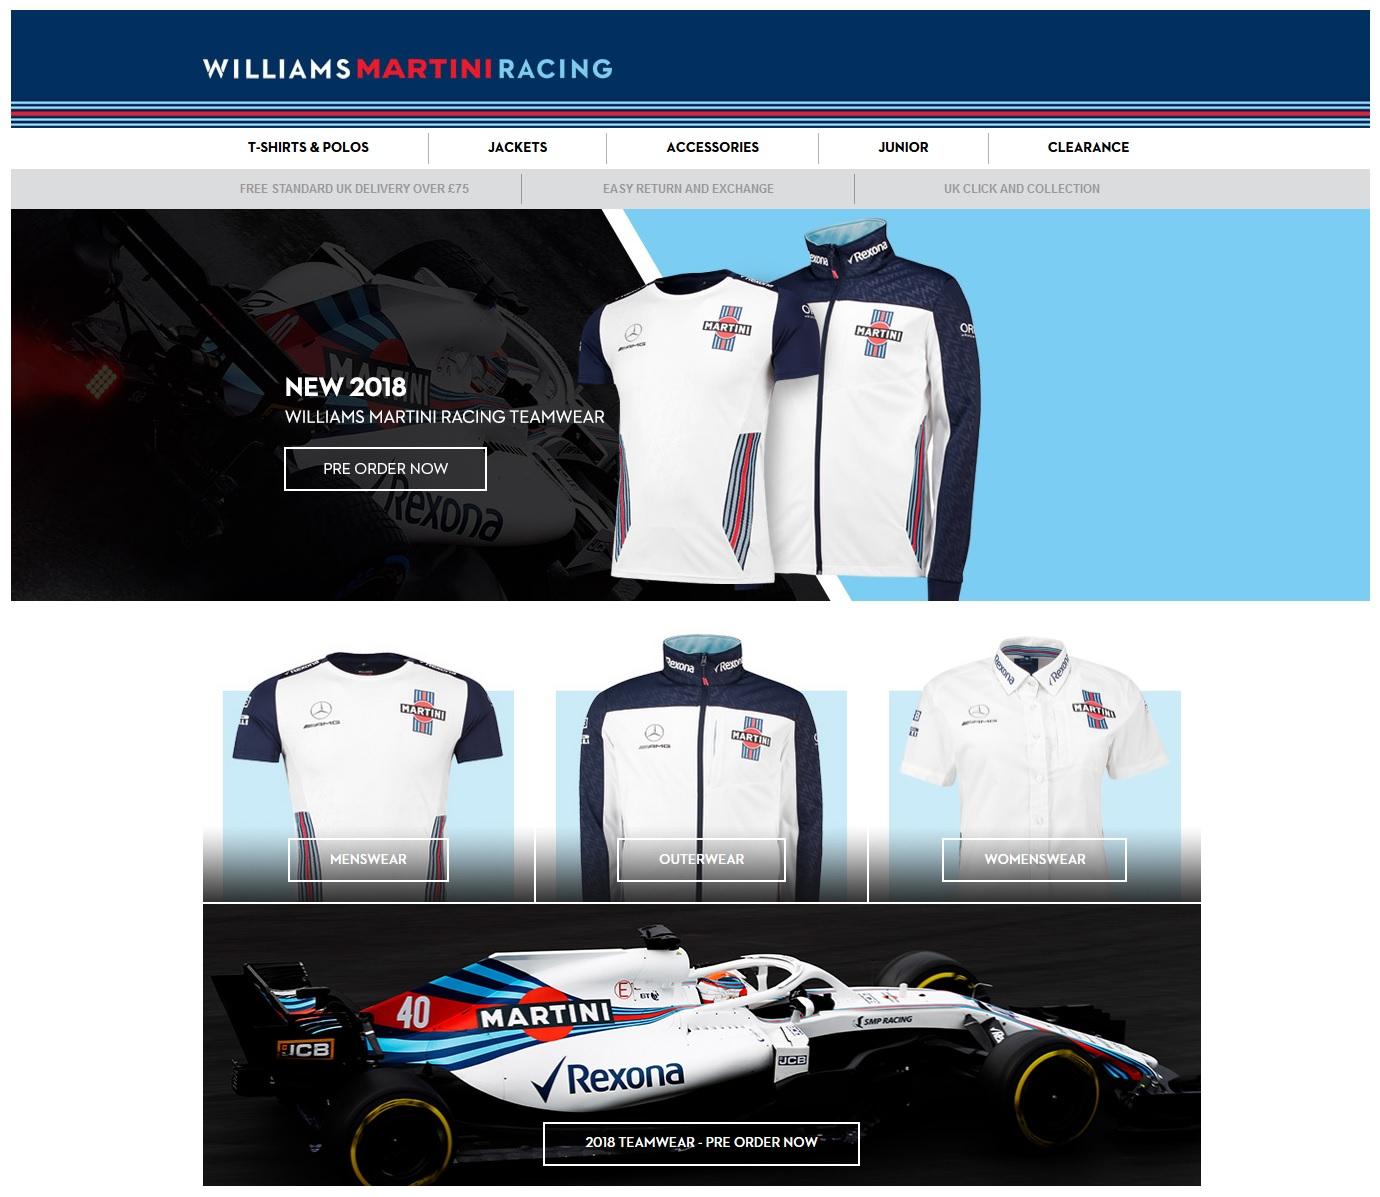 WILLIAMS MARTINI RACING shop